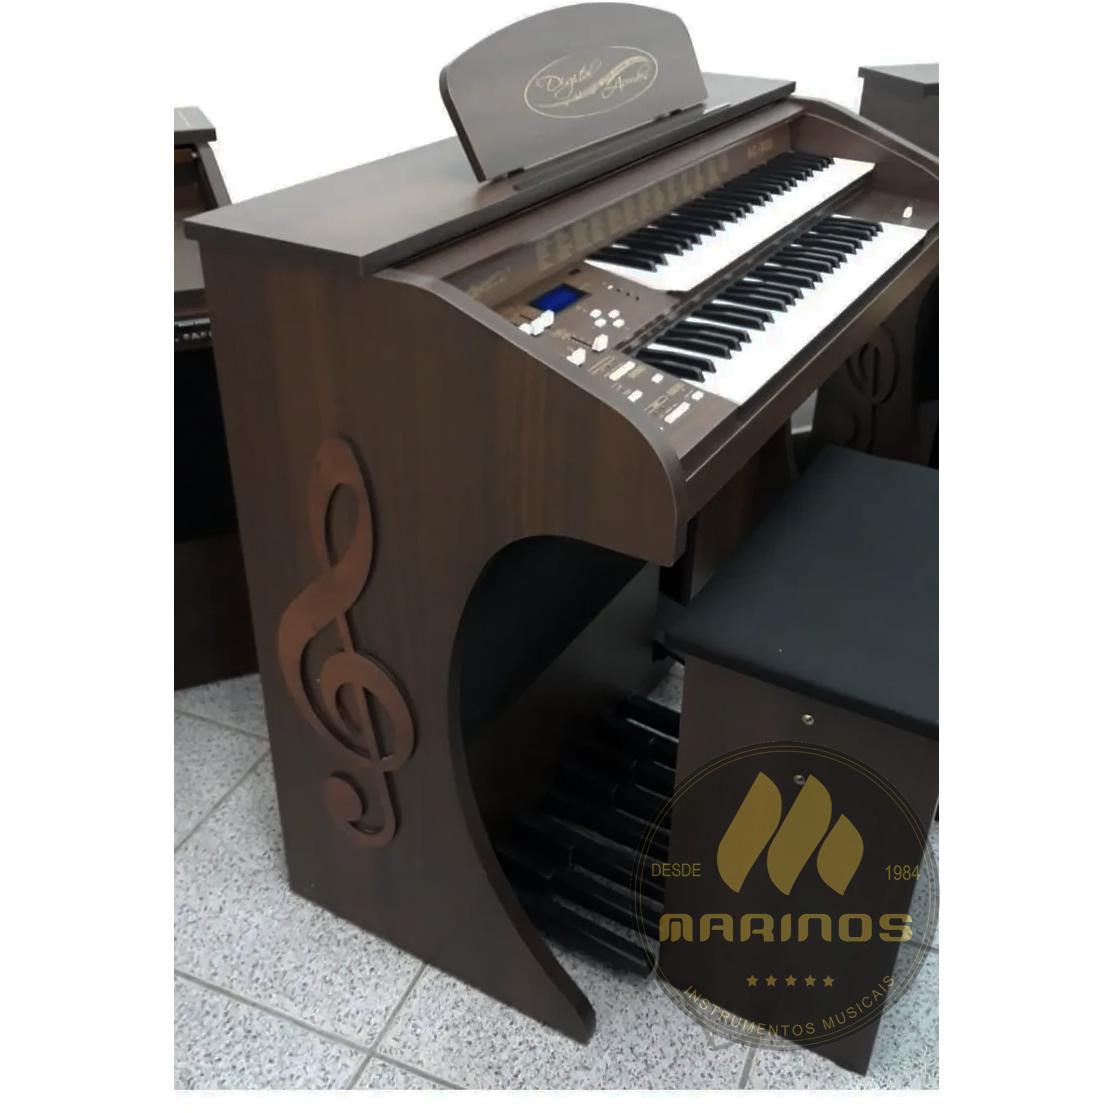 Órgão DIGITAL ACORDES AC300 Tradicional FOSCO MARROM